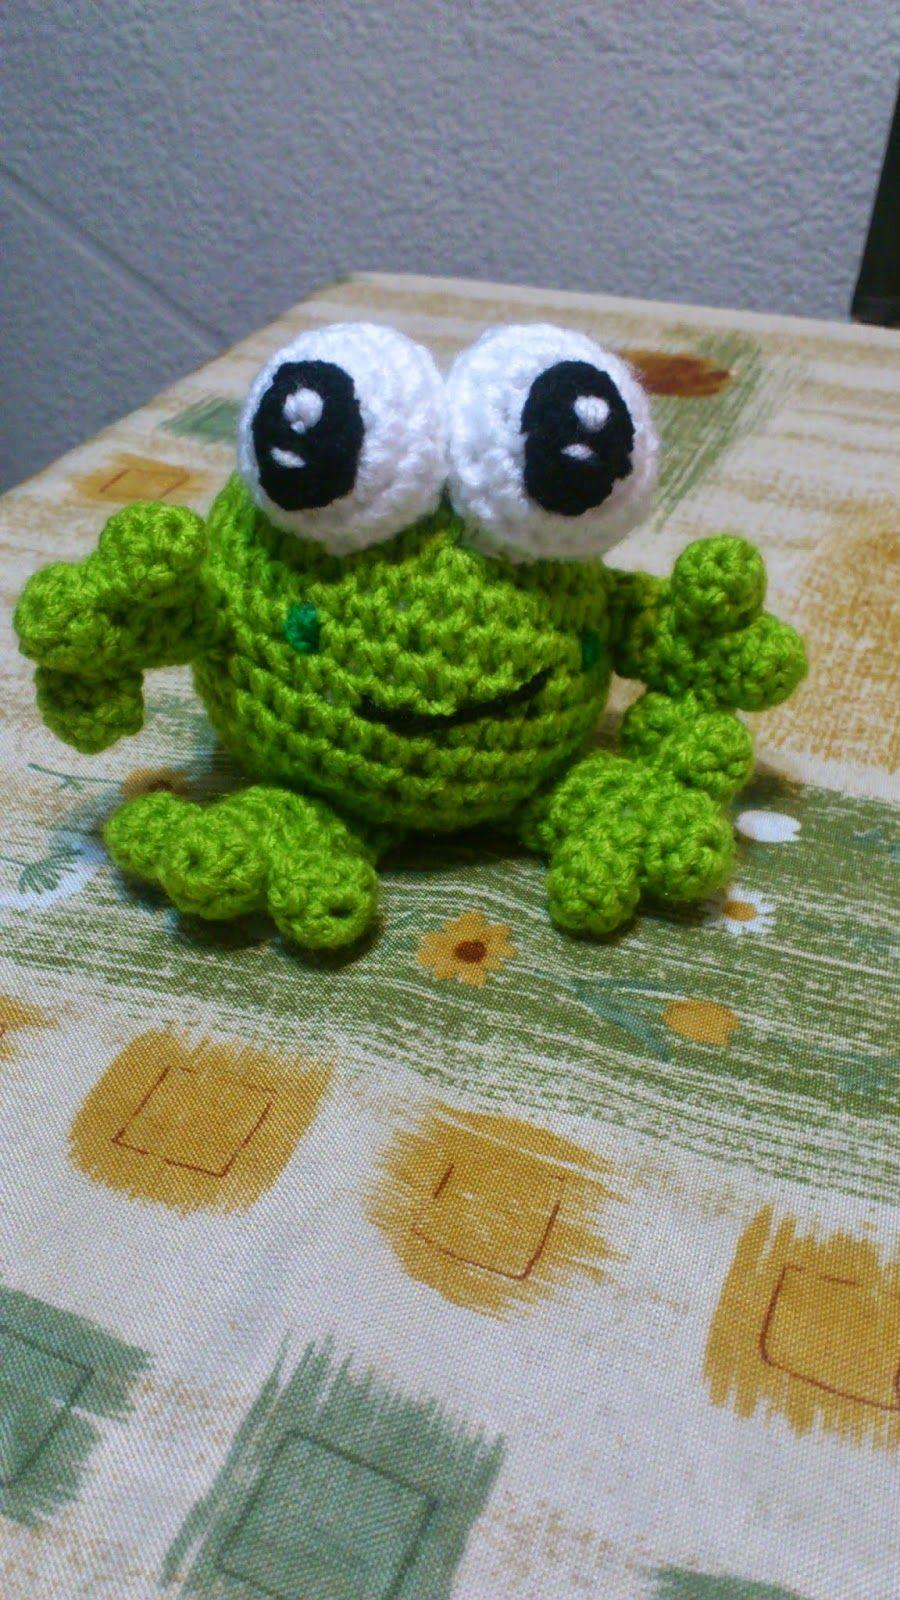 Amigurumi Frog - FREE Crochet Pattern / Tutorial | amigurumi patron ...